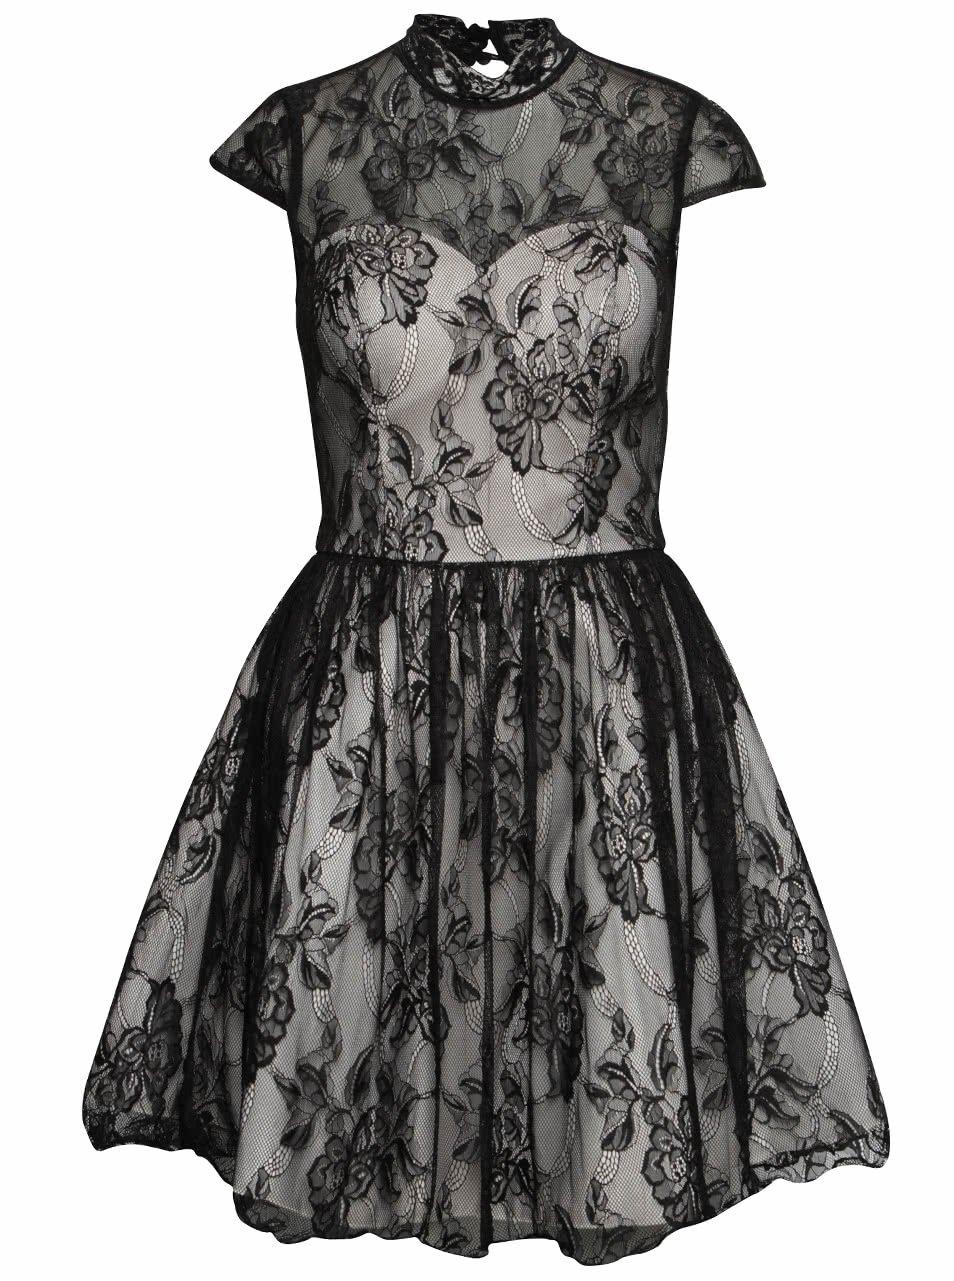 Krémovo-čierne čipkované šaty Chi Chi London Darcy    dressie.sk 4ee71c10f13